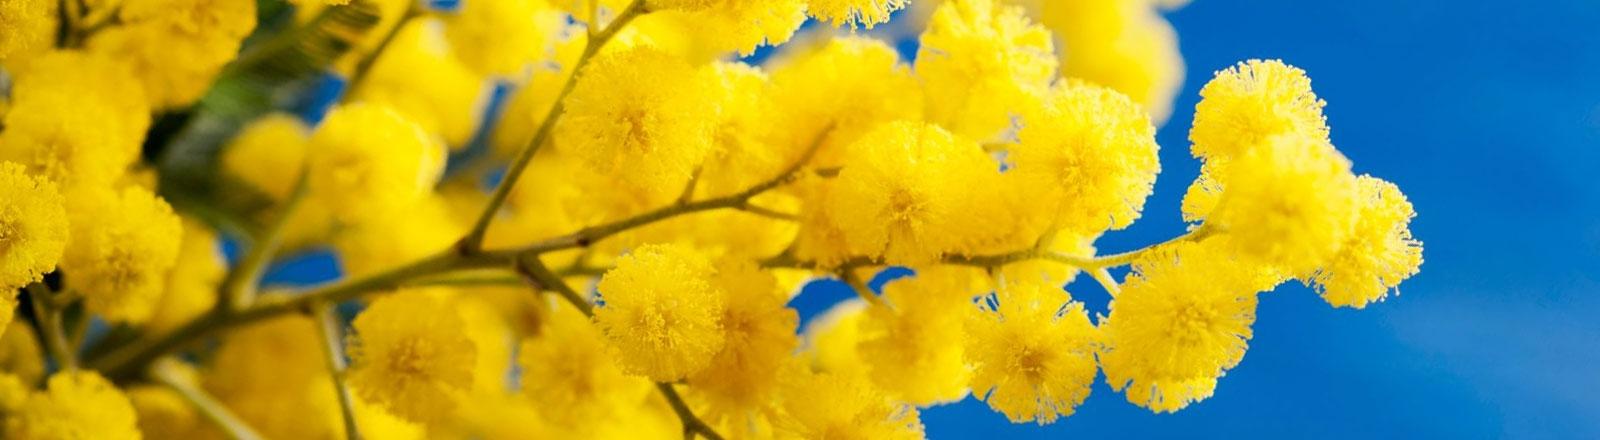 route du mimosa - evenements cote d'azur